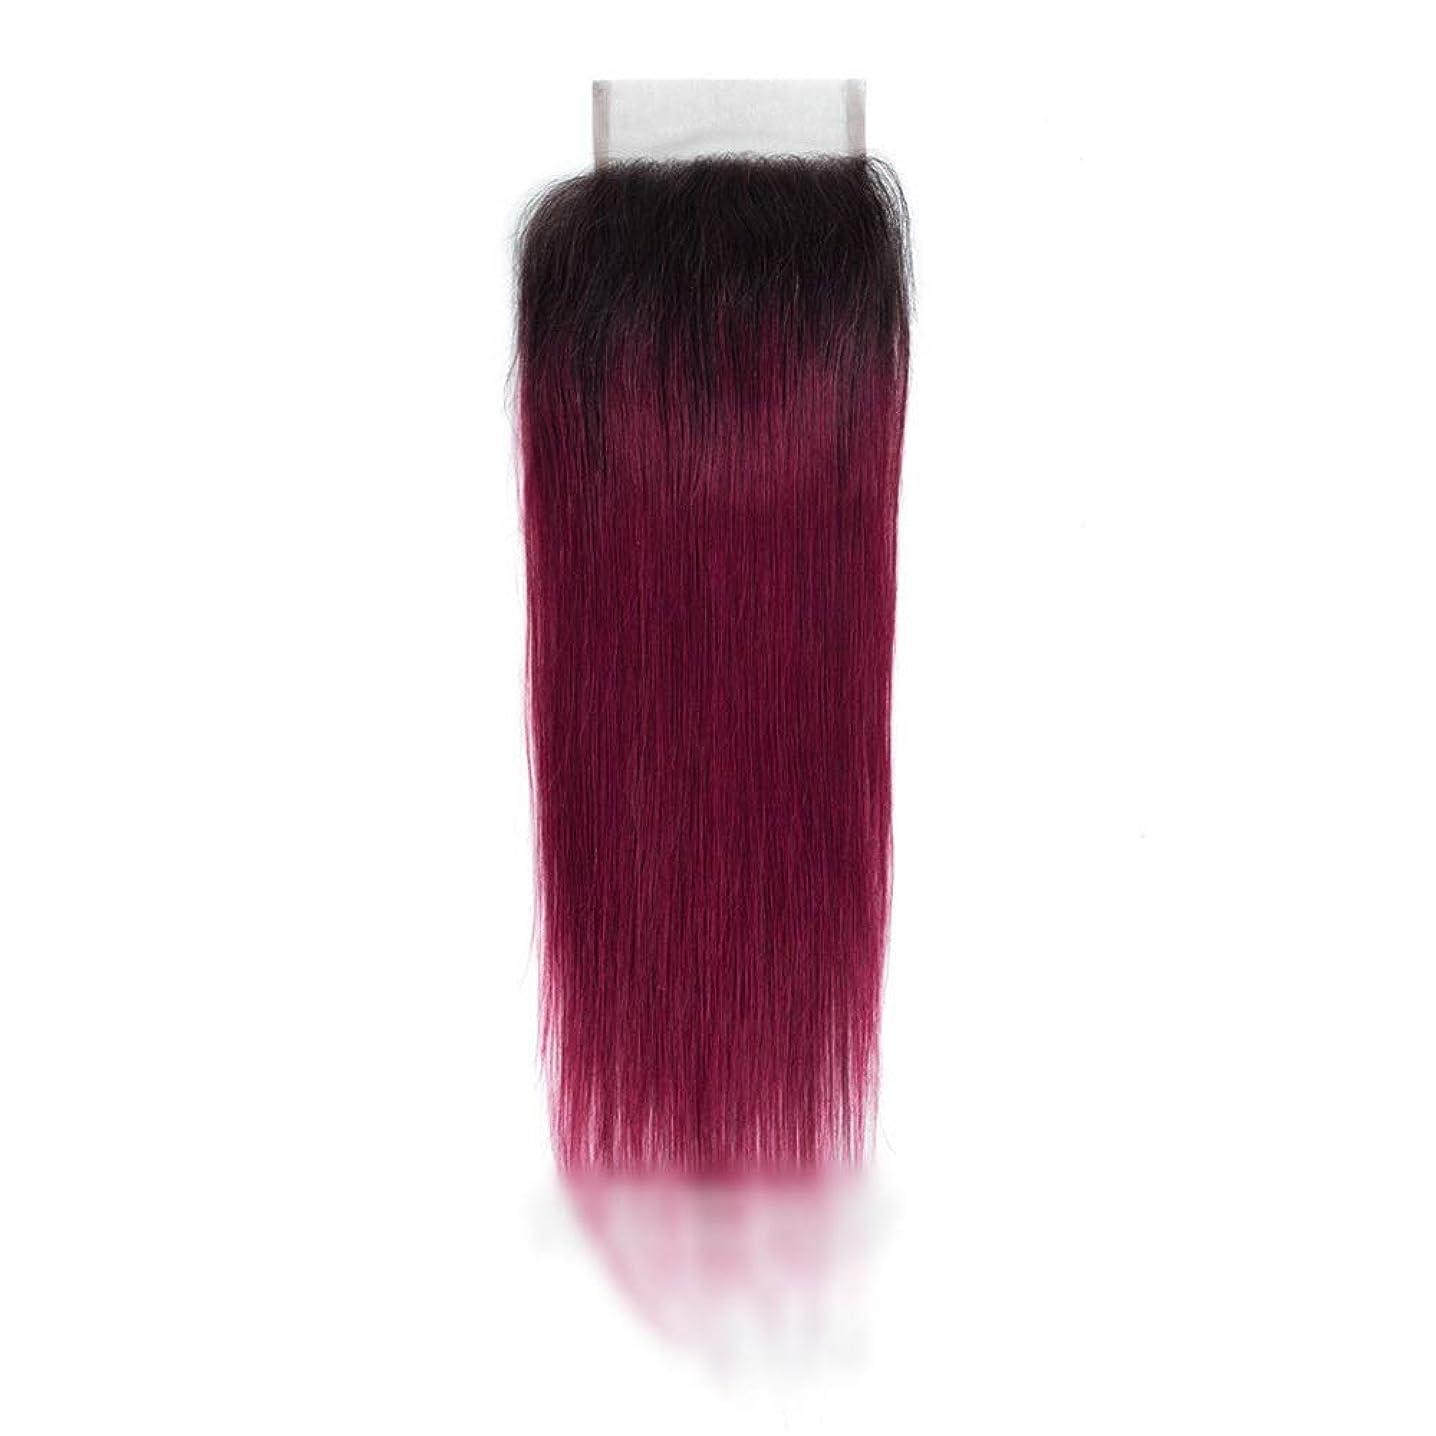 酔うフォーカス楽観的YESONEEP レースの閉鎖とストレートオンブルバージンヘア、人間の髪の毛1B /バグ2トーン、オンブルヘアエクステンション織り横糸ロングストレートヘア (Color : ワインレッド, サイズ : 18 inch)